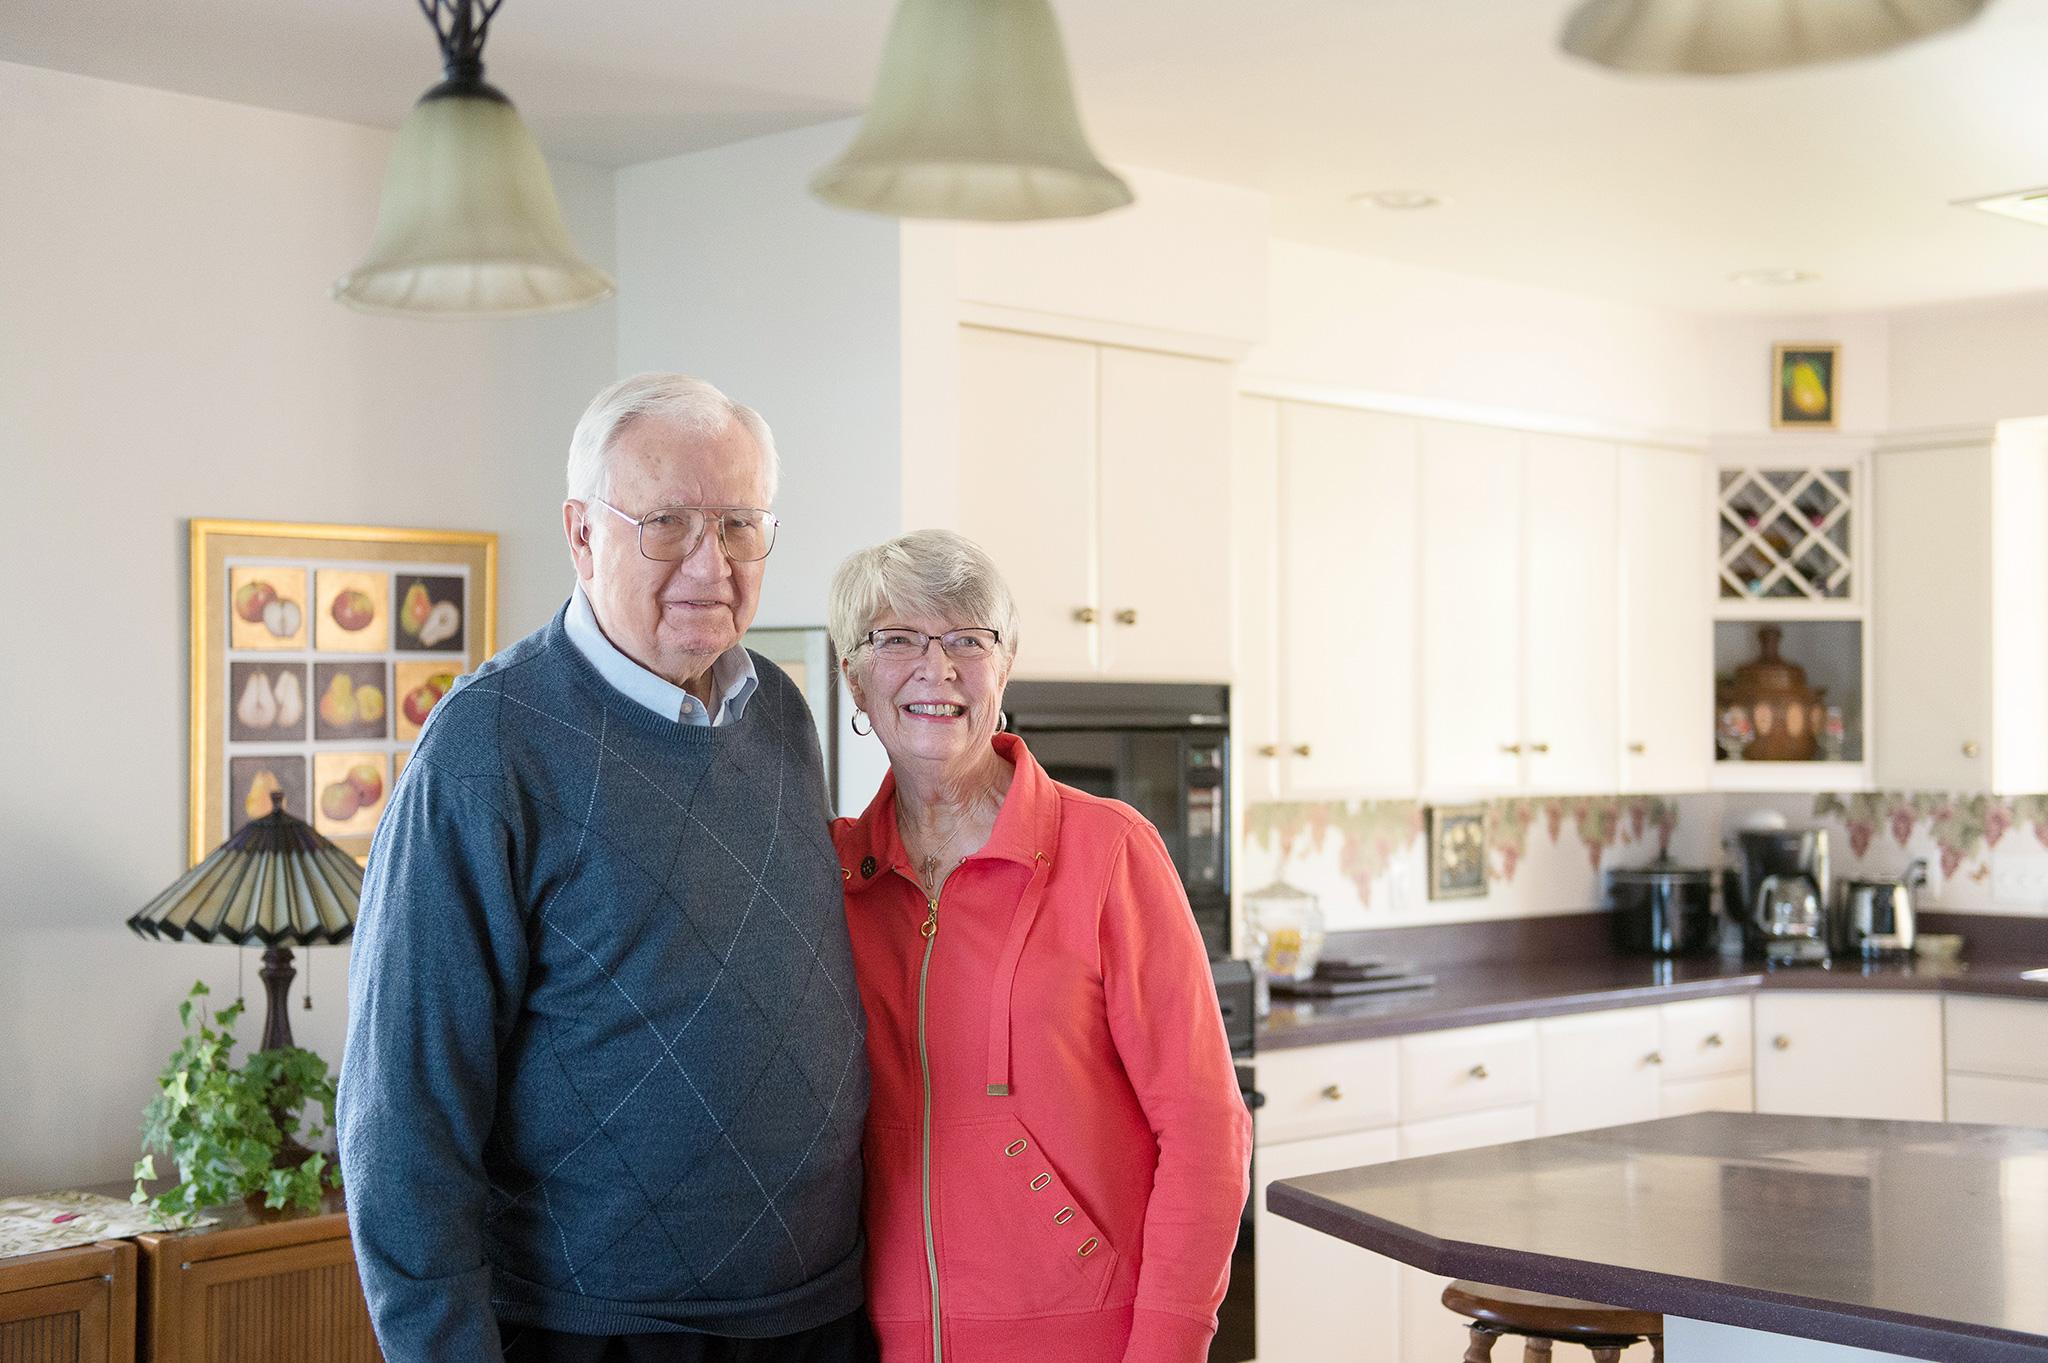 Bob and Bonnie Erber